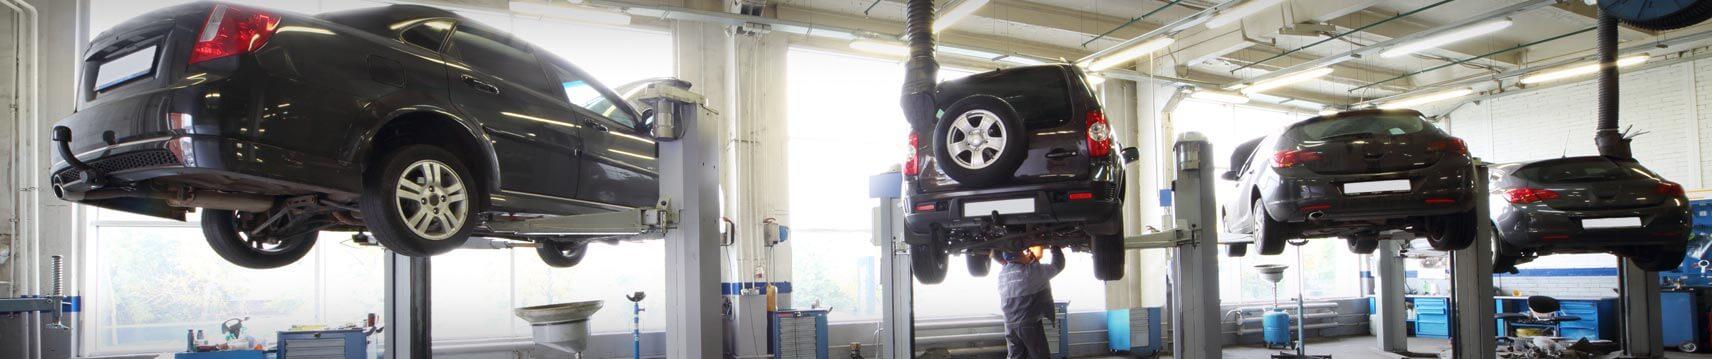 Nissan Pull Ahead Program